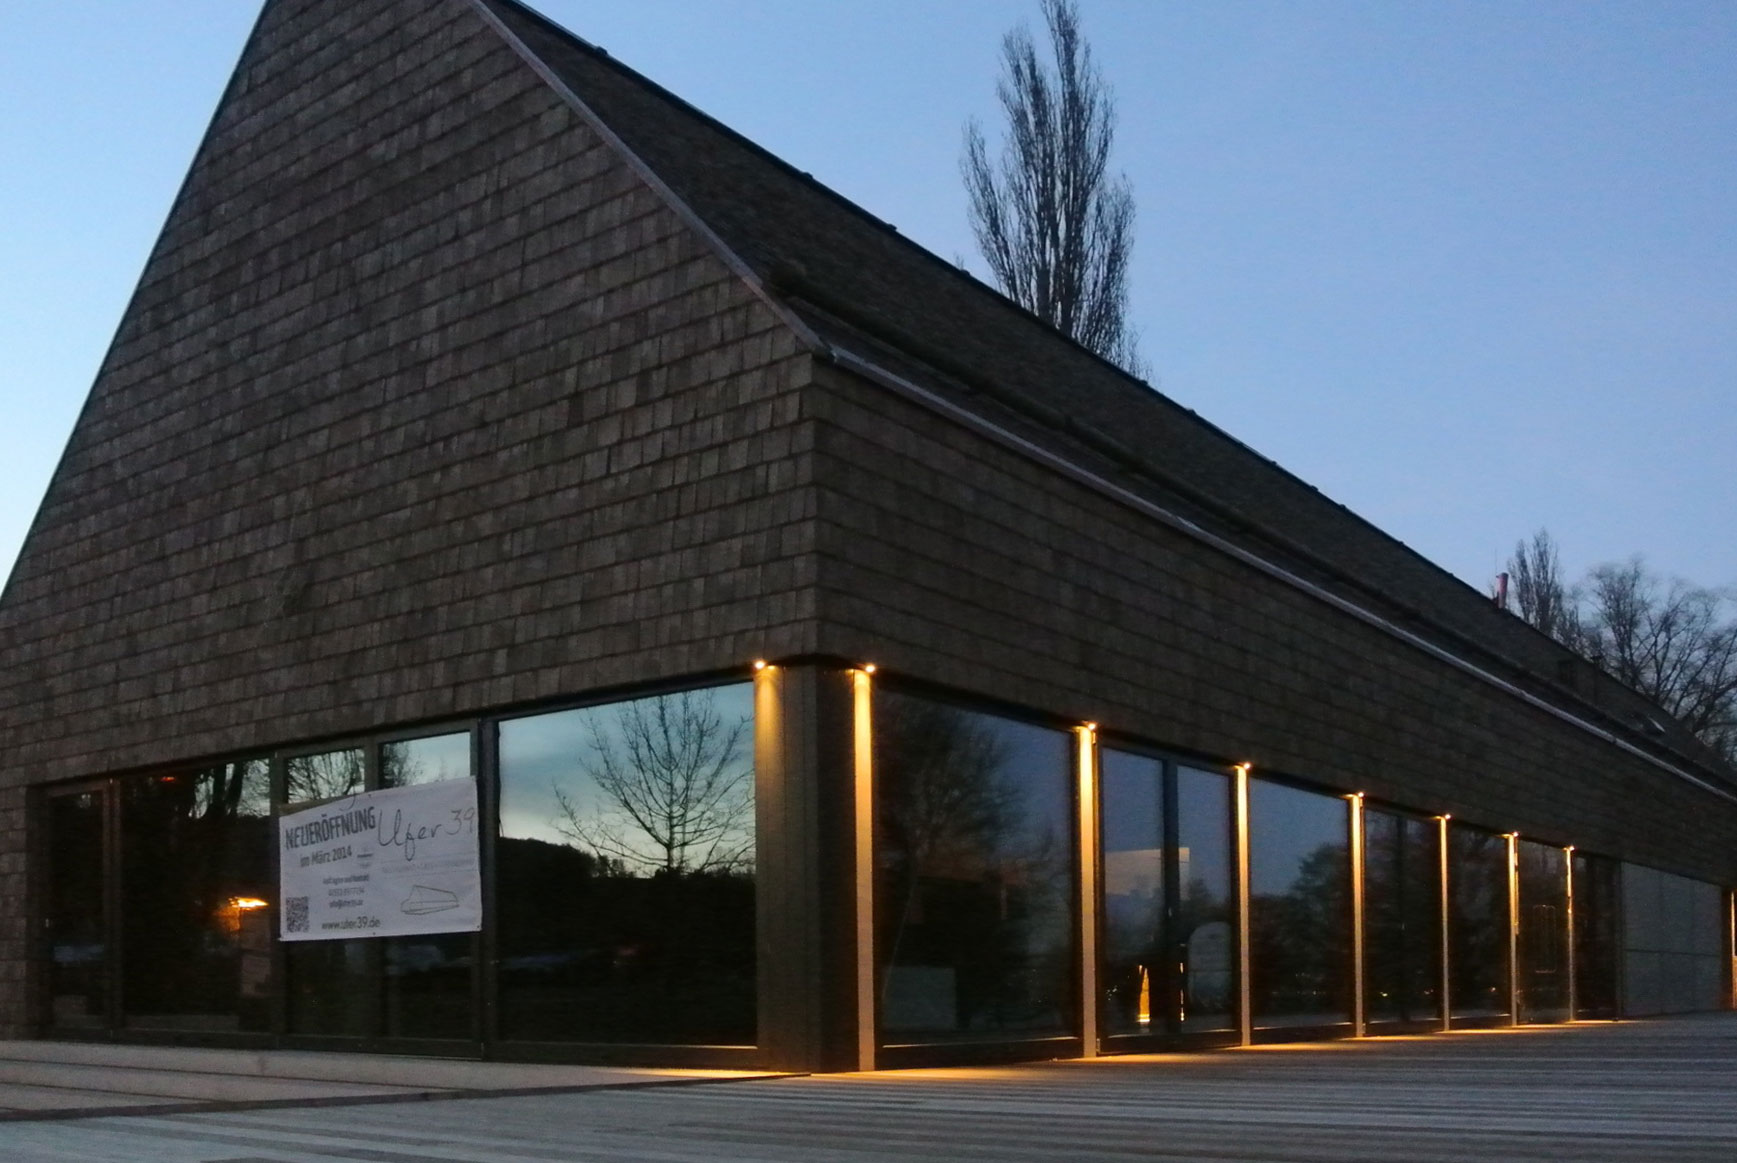 Restaurant Ufer 39 im Dämmerlicht